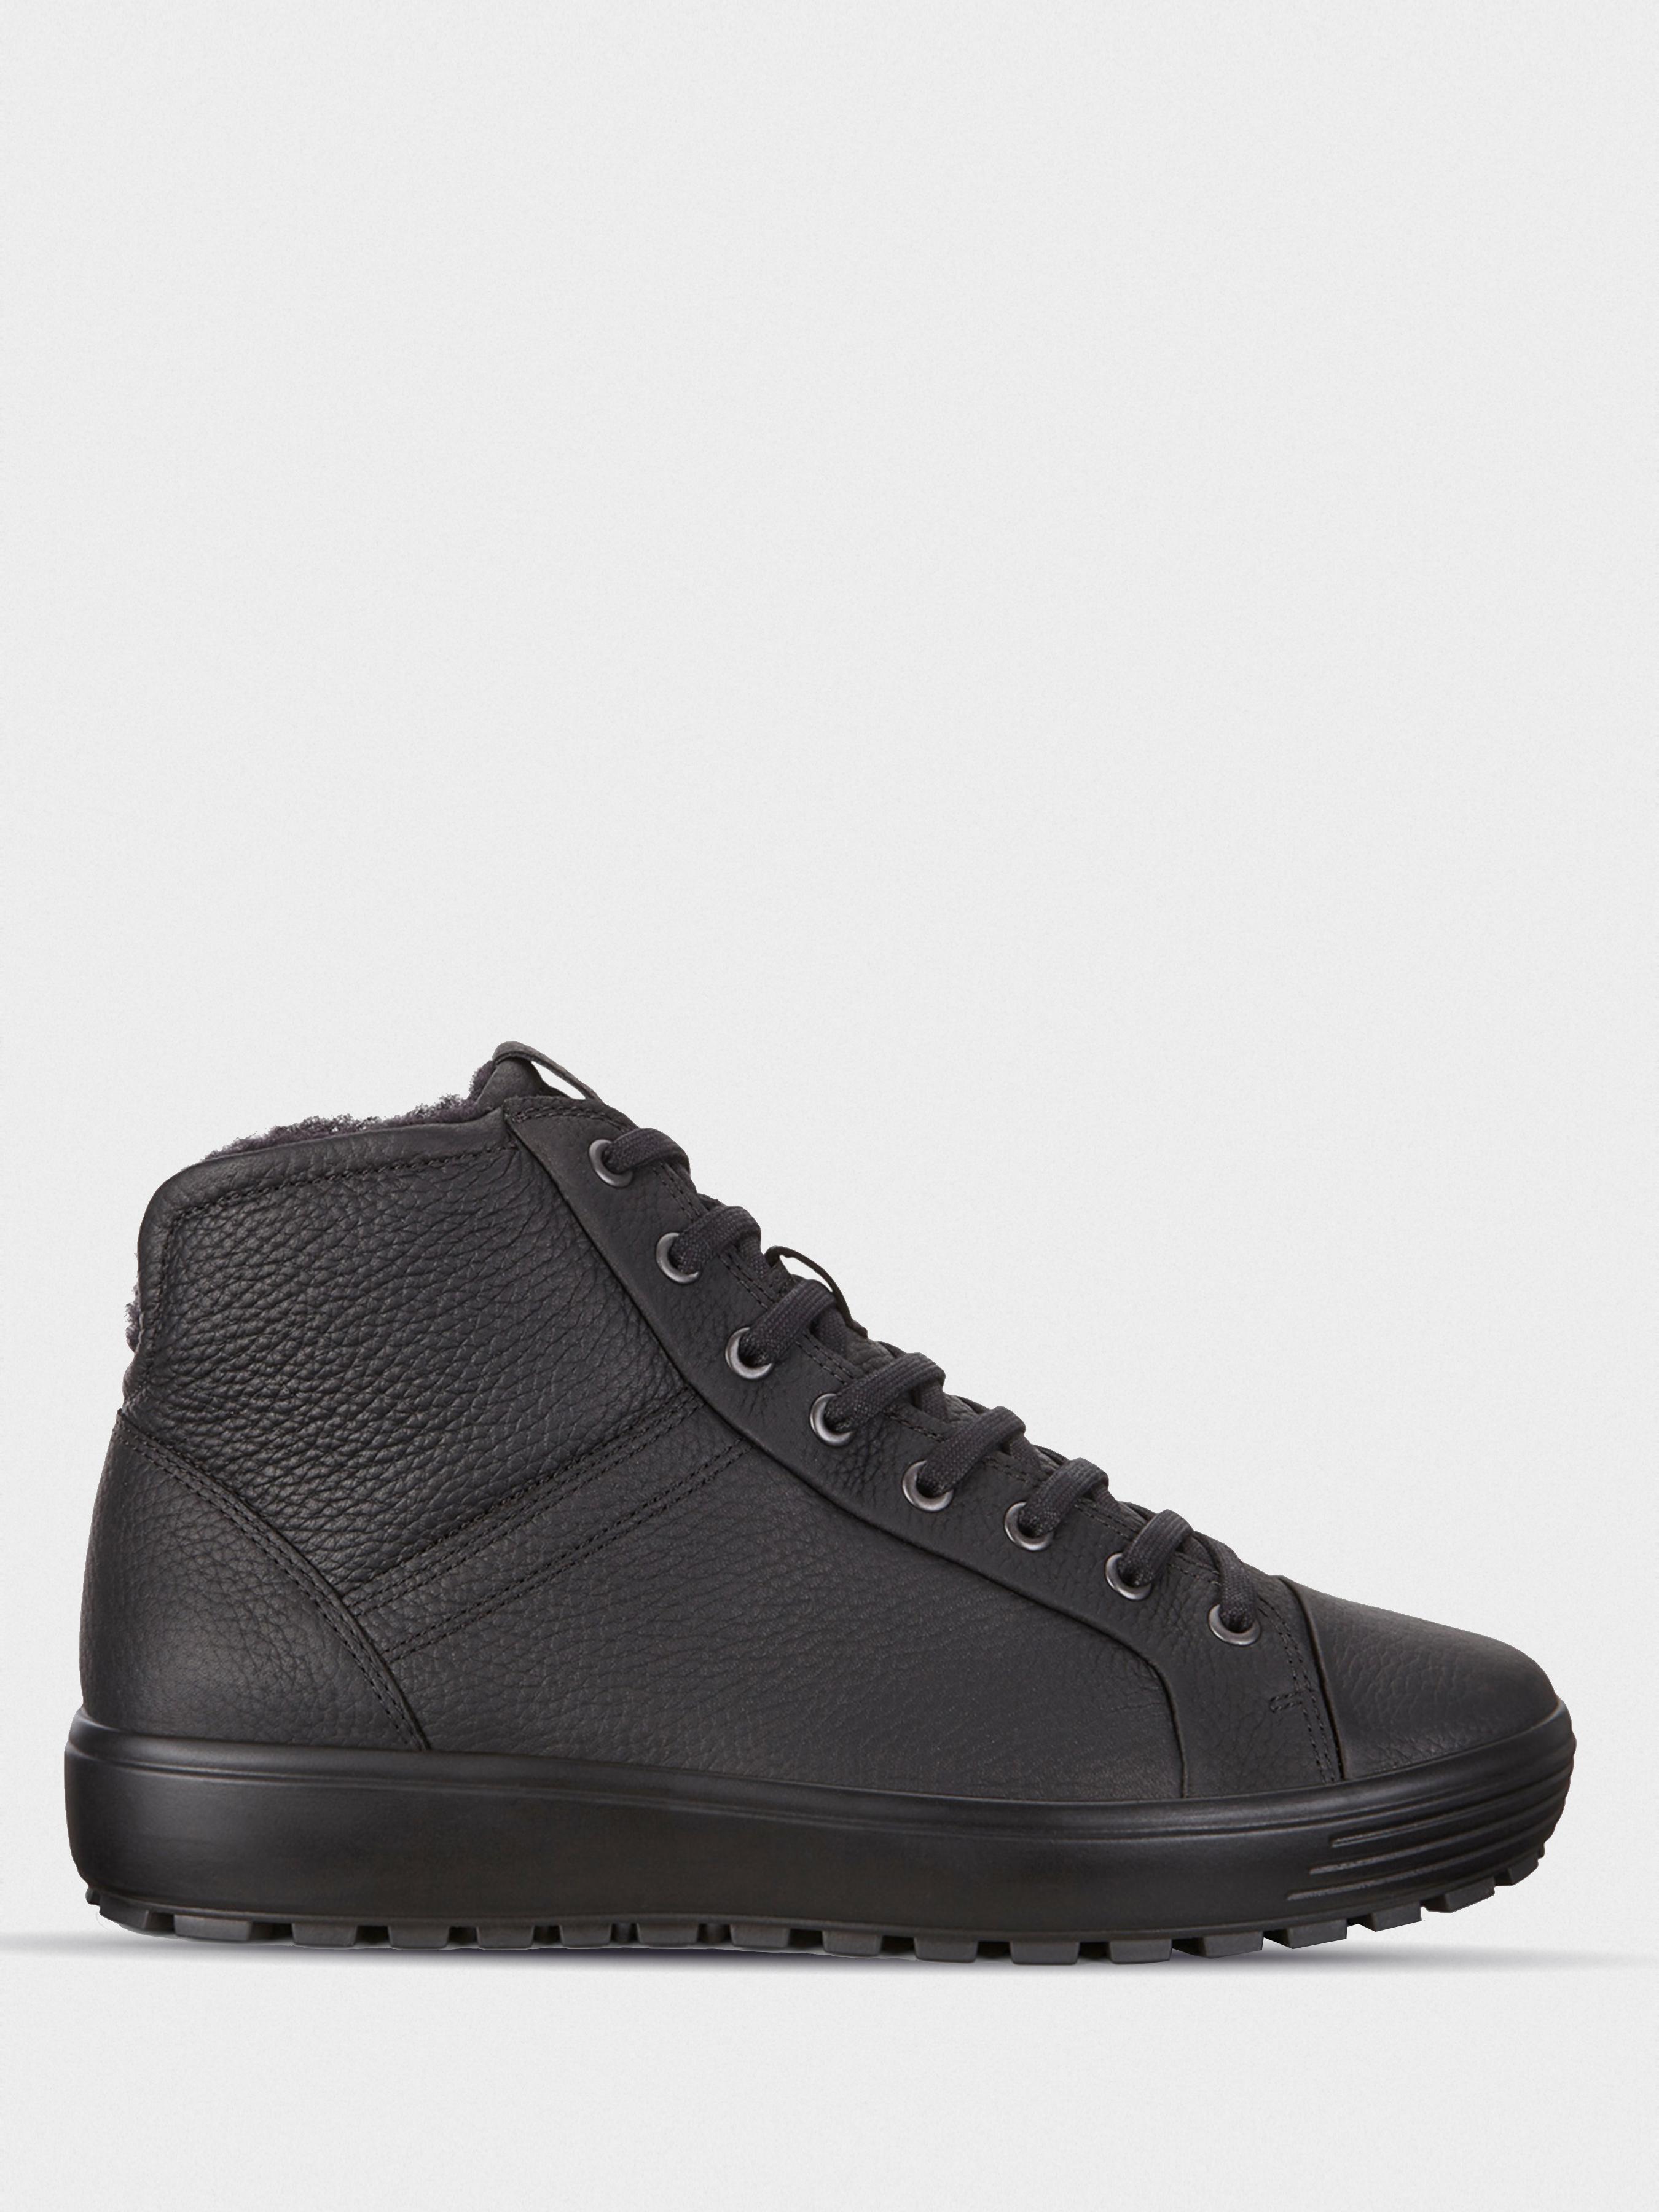 Купить Ботинки мужские ECCO SOFT 7 TRED M ZM4076, Черный